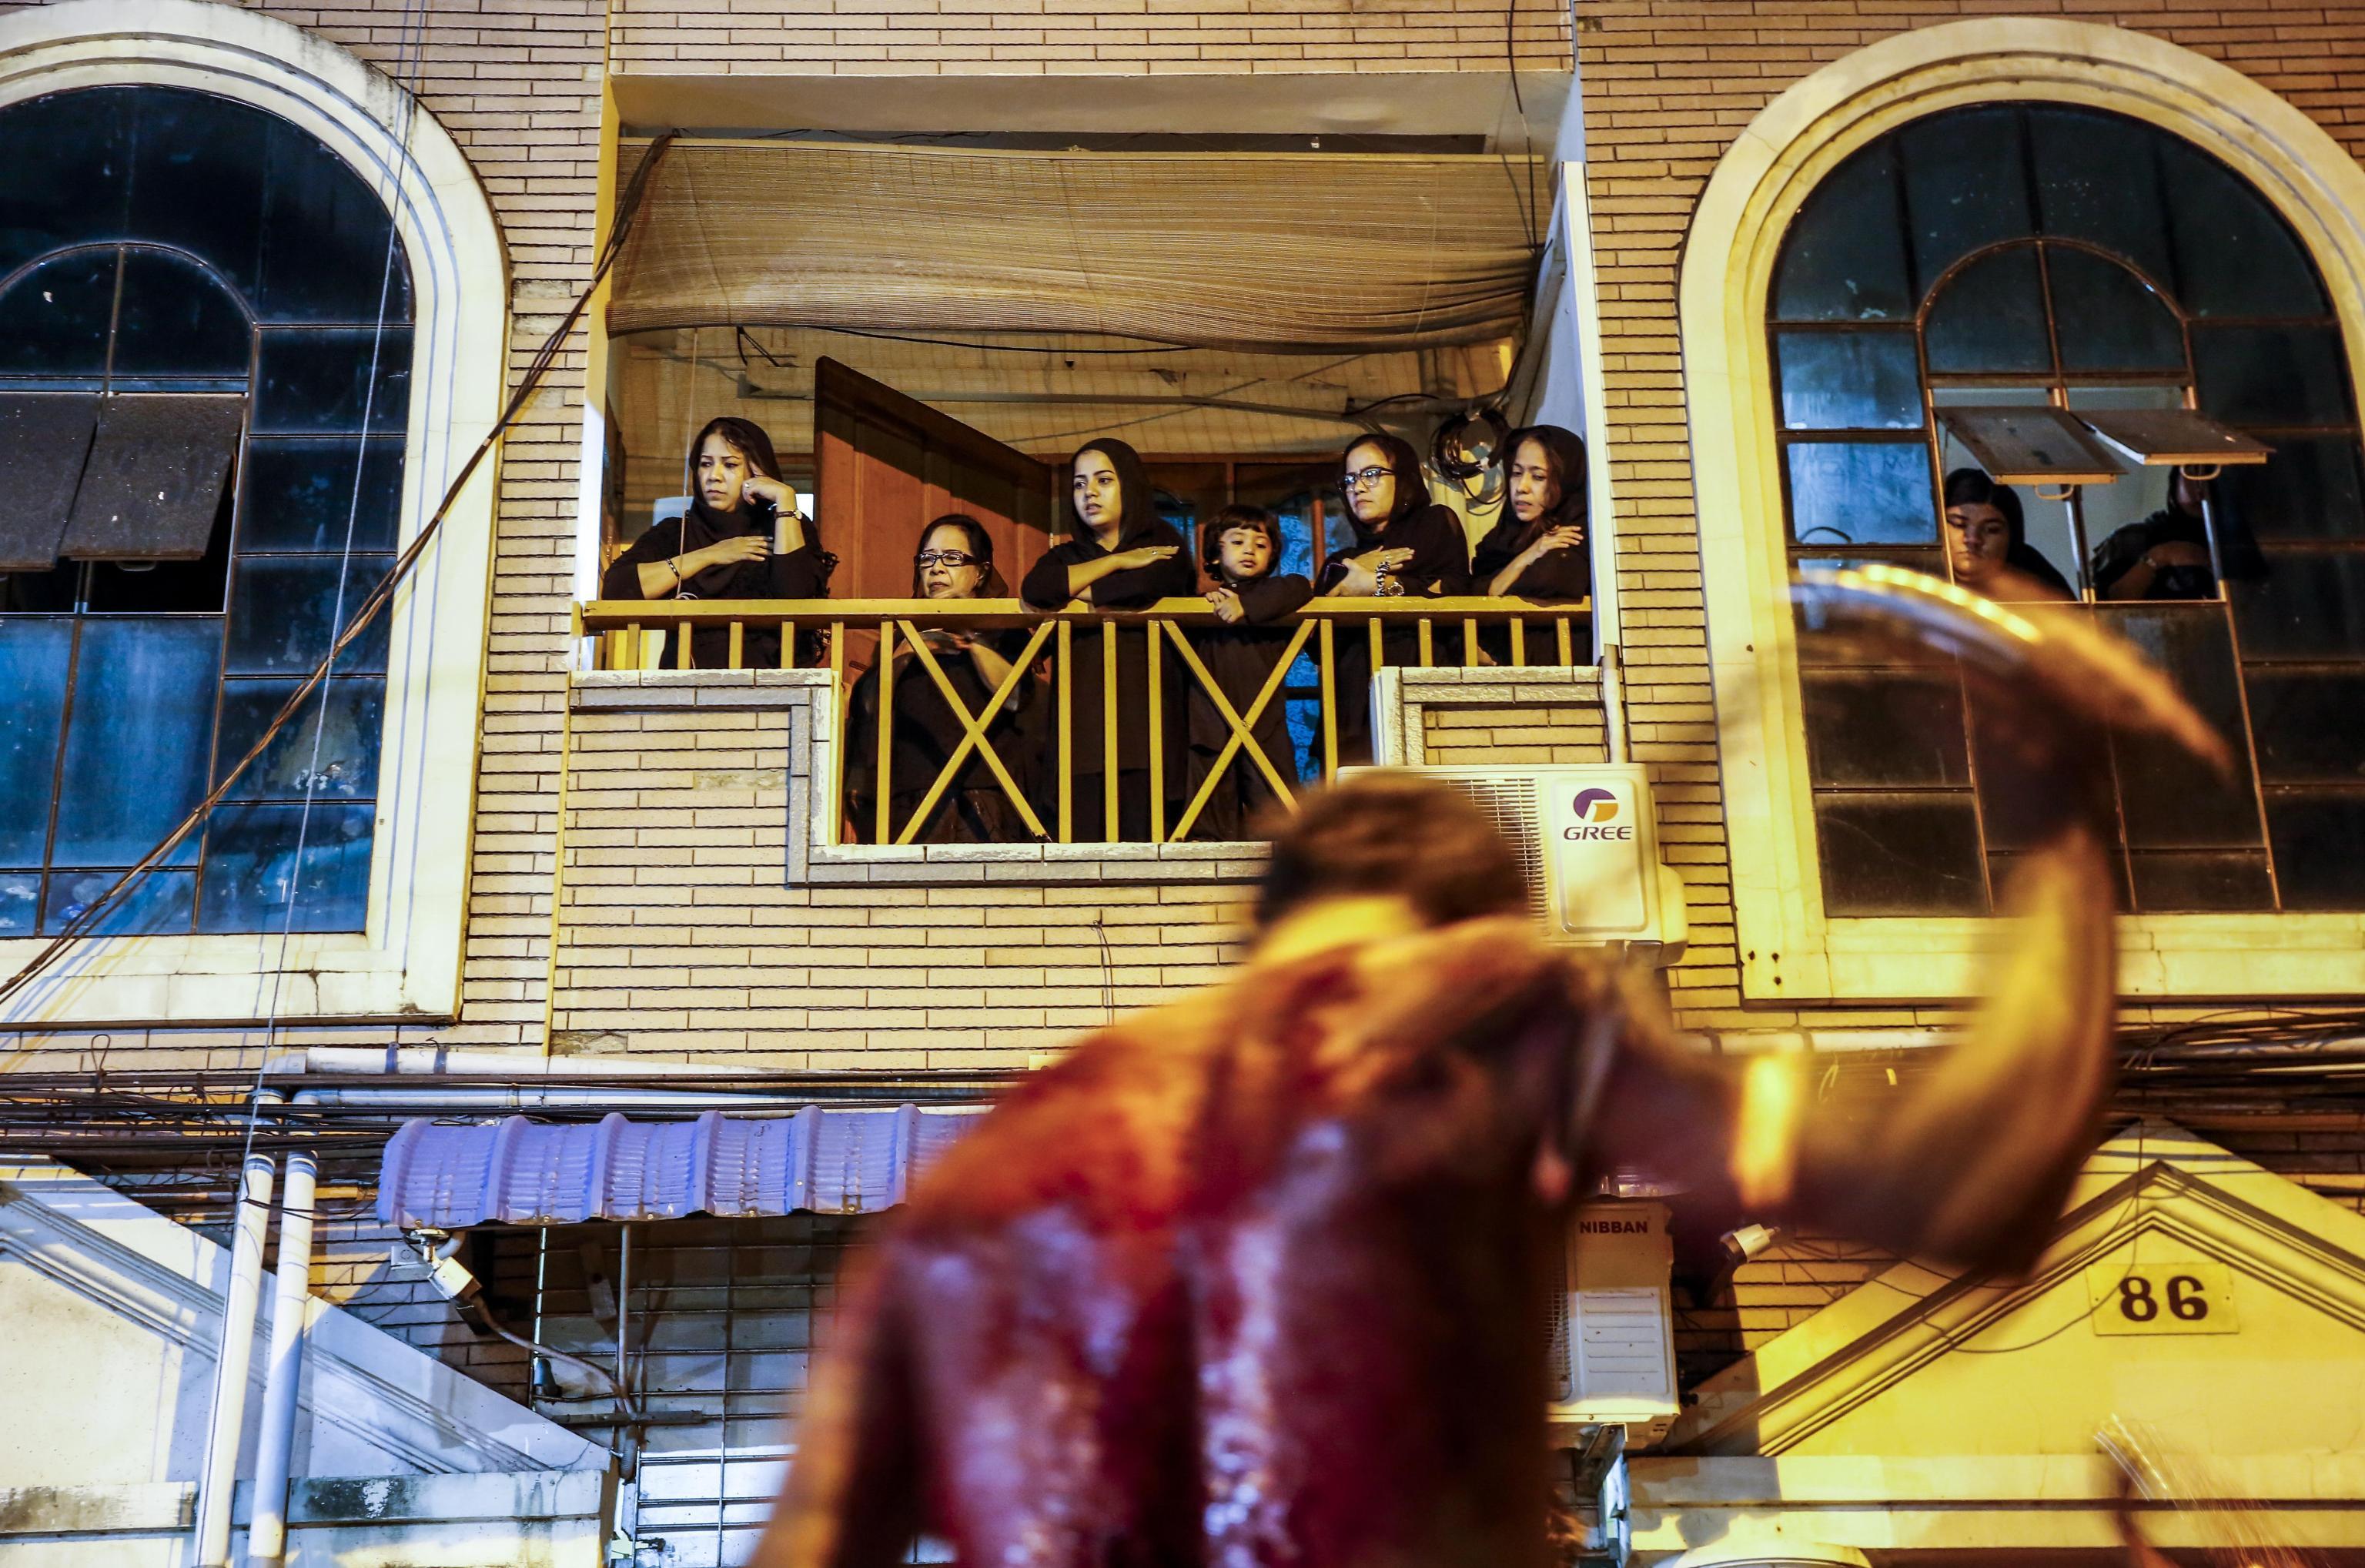 Un uomo si flagella per ricordare il martirio dell'Imam Hussein